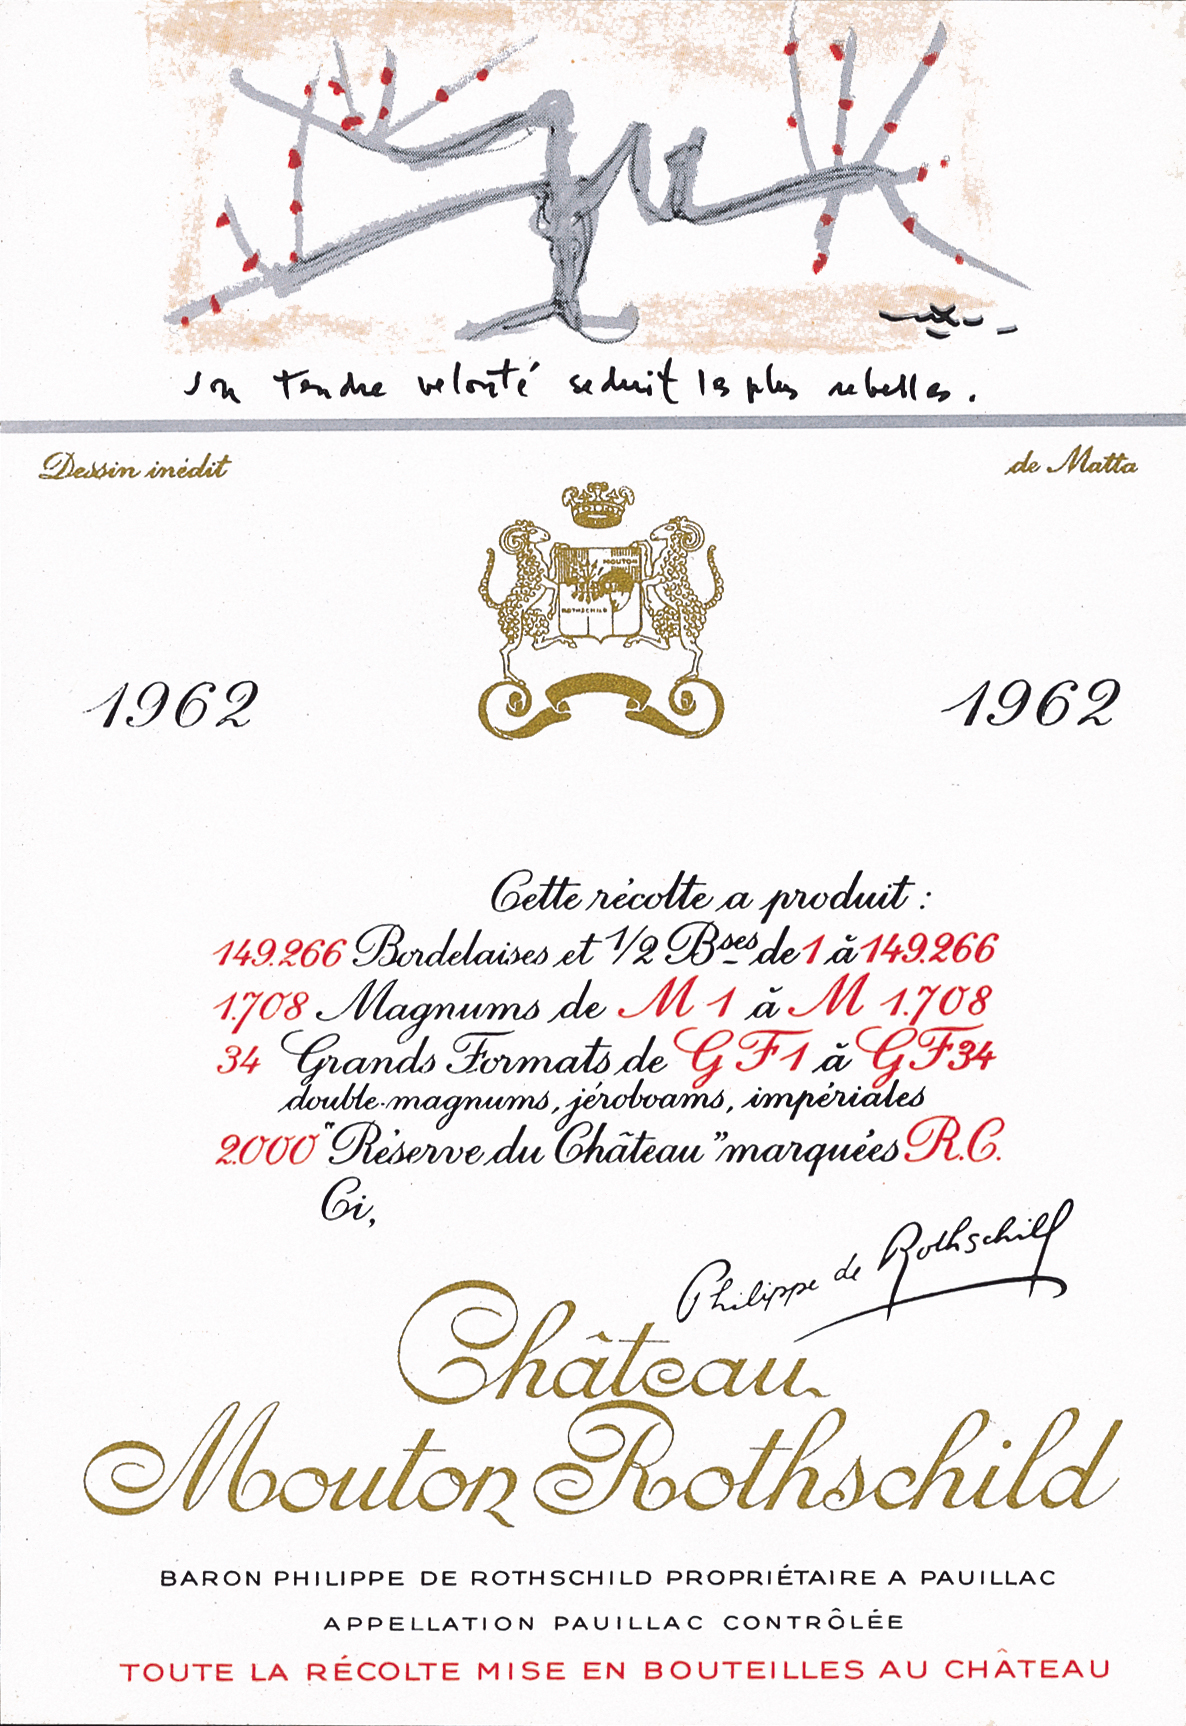 Etiquette Mouton Rothschild 1962